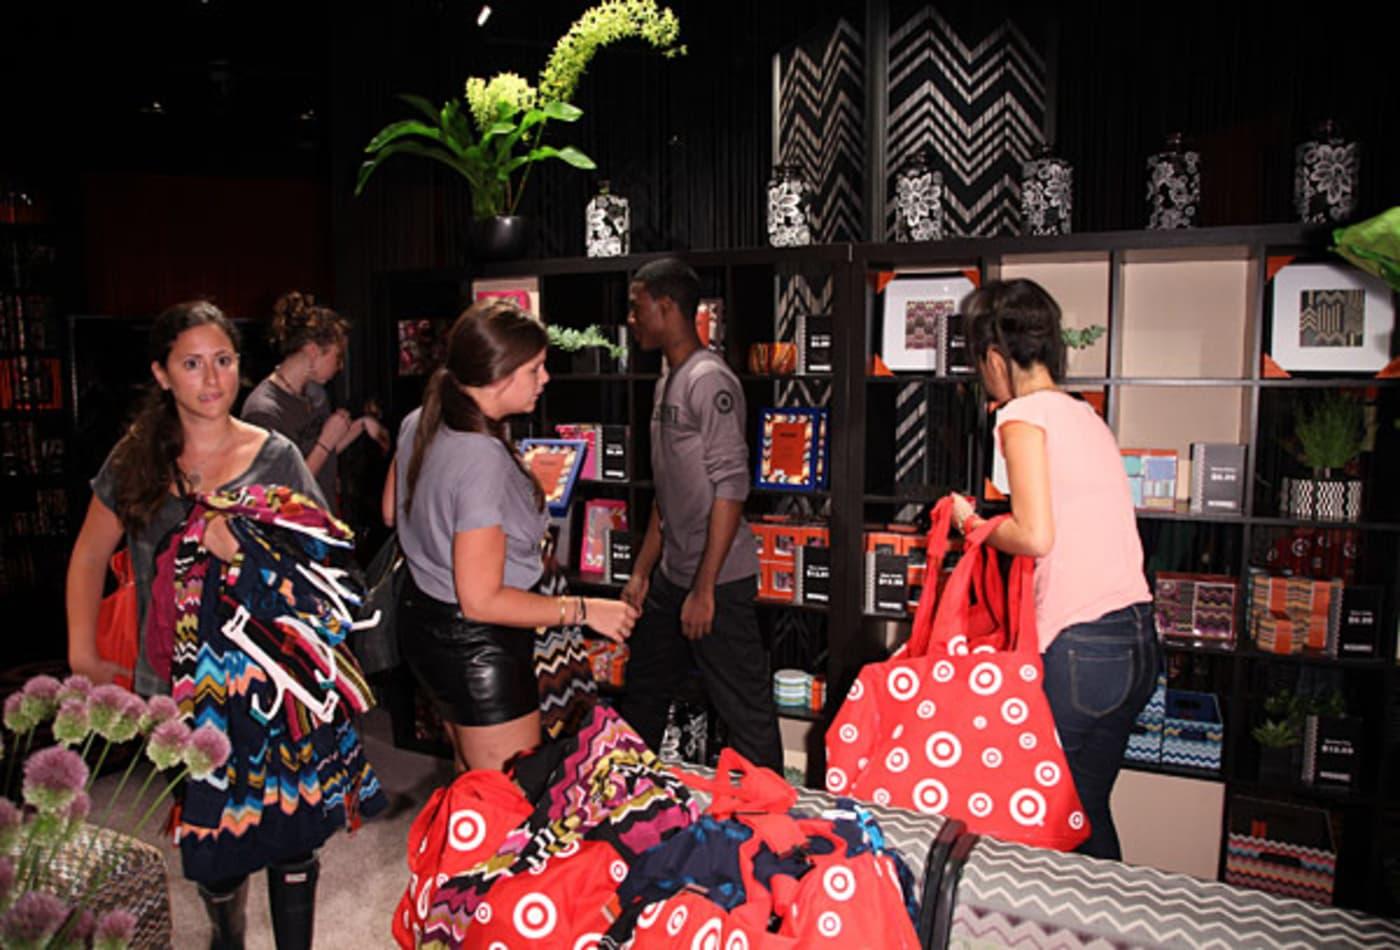 CNBC_NYC_fashion_week_2011_horiz9.jpg